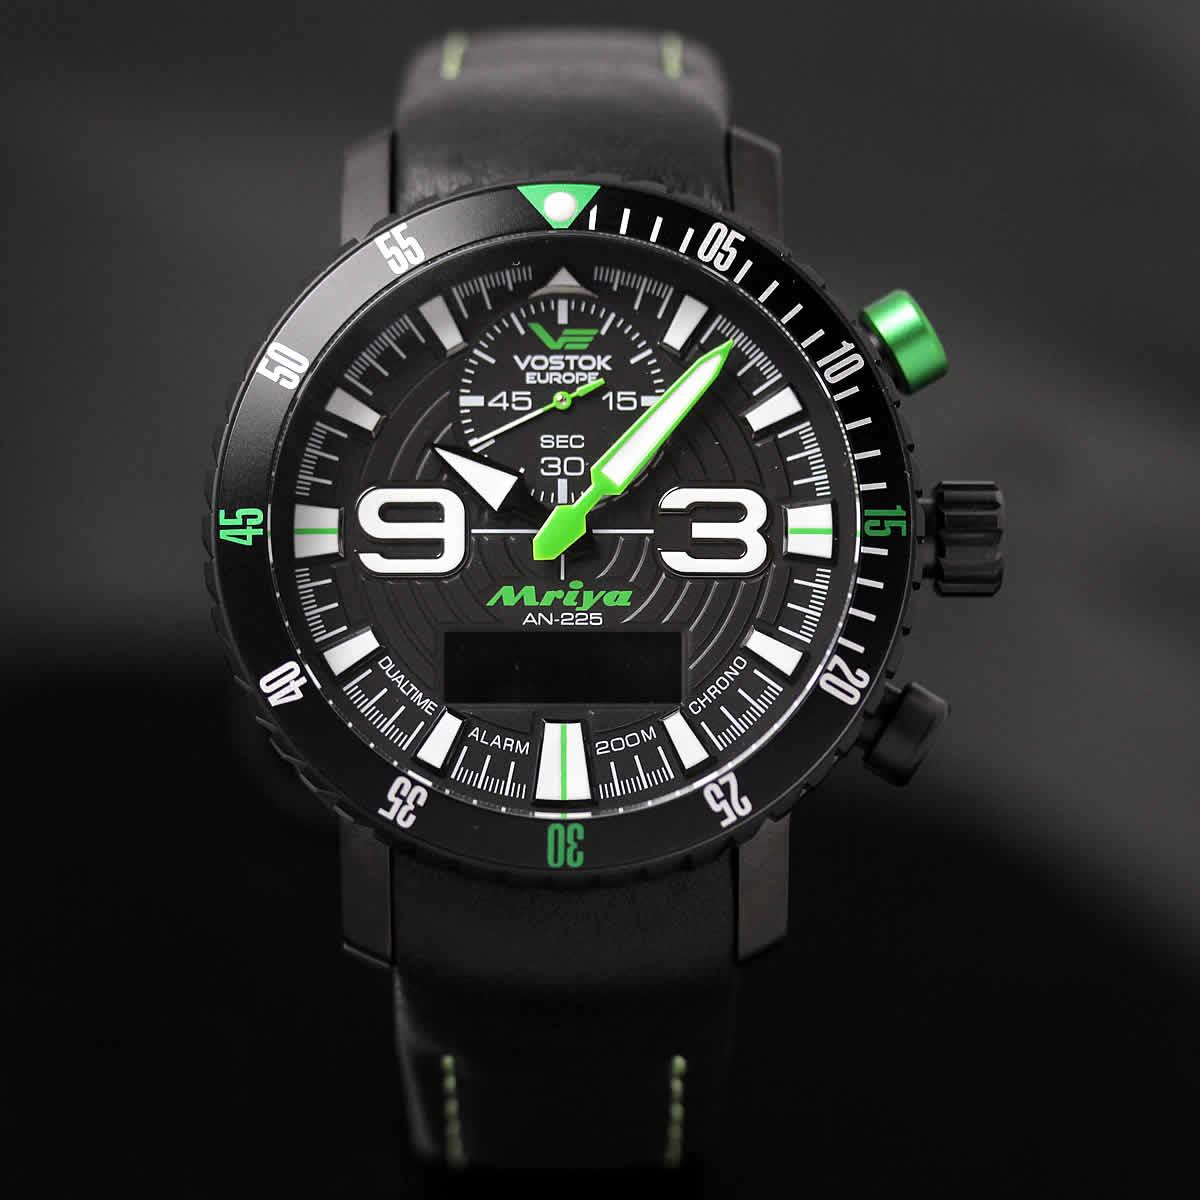 ボストーク ヨーロッパ MRIYA 多機能クォーツ式腕時計 9516-5554251 グリーン